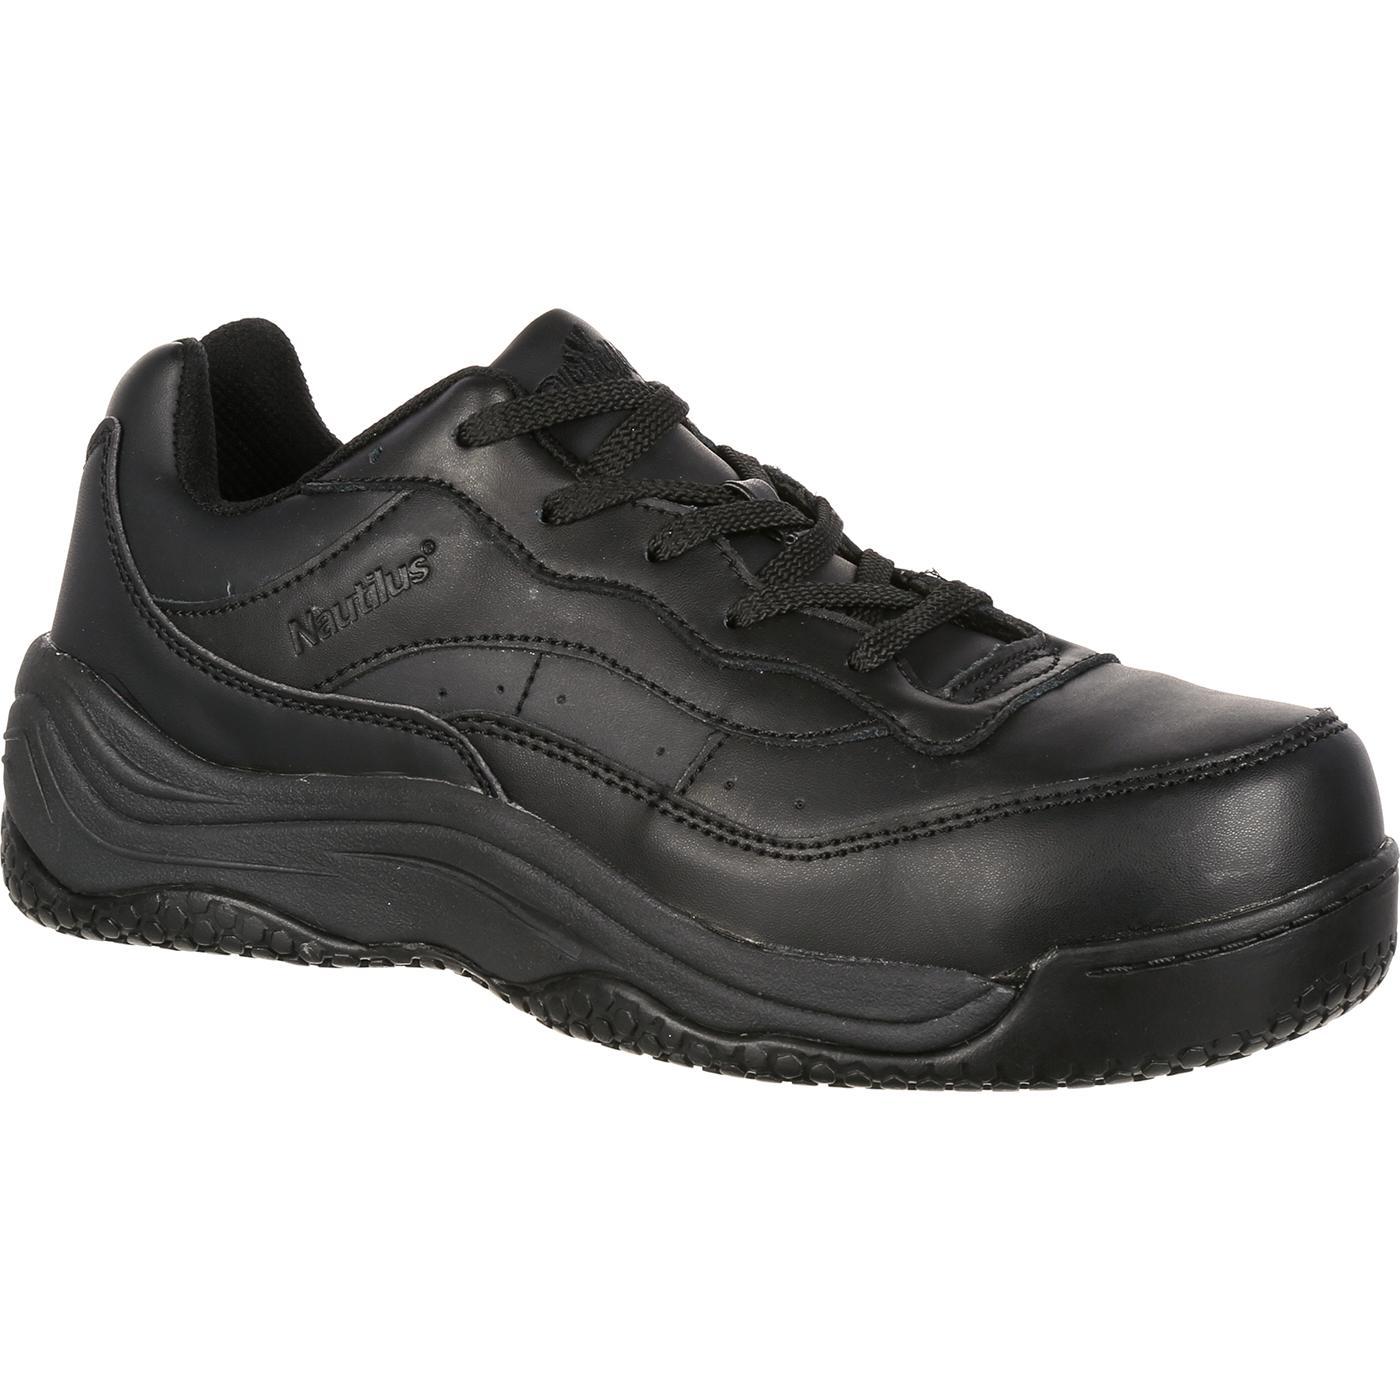 Nautilus N Composite Toe Athletic Work Shoe